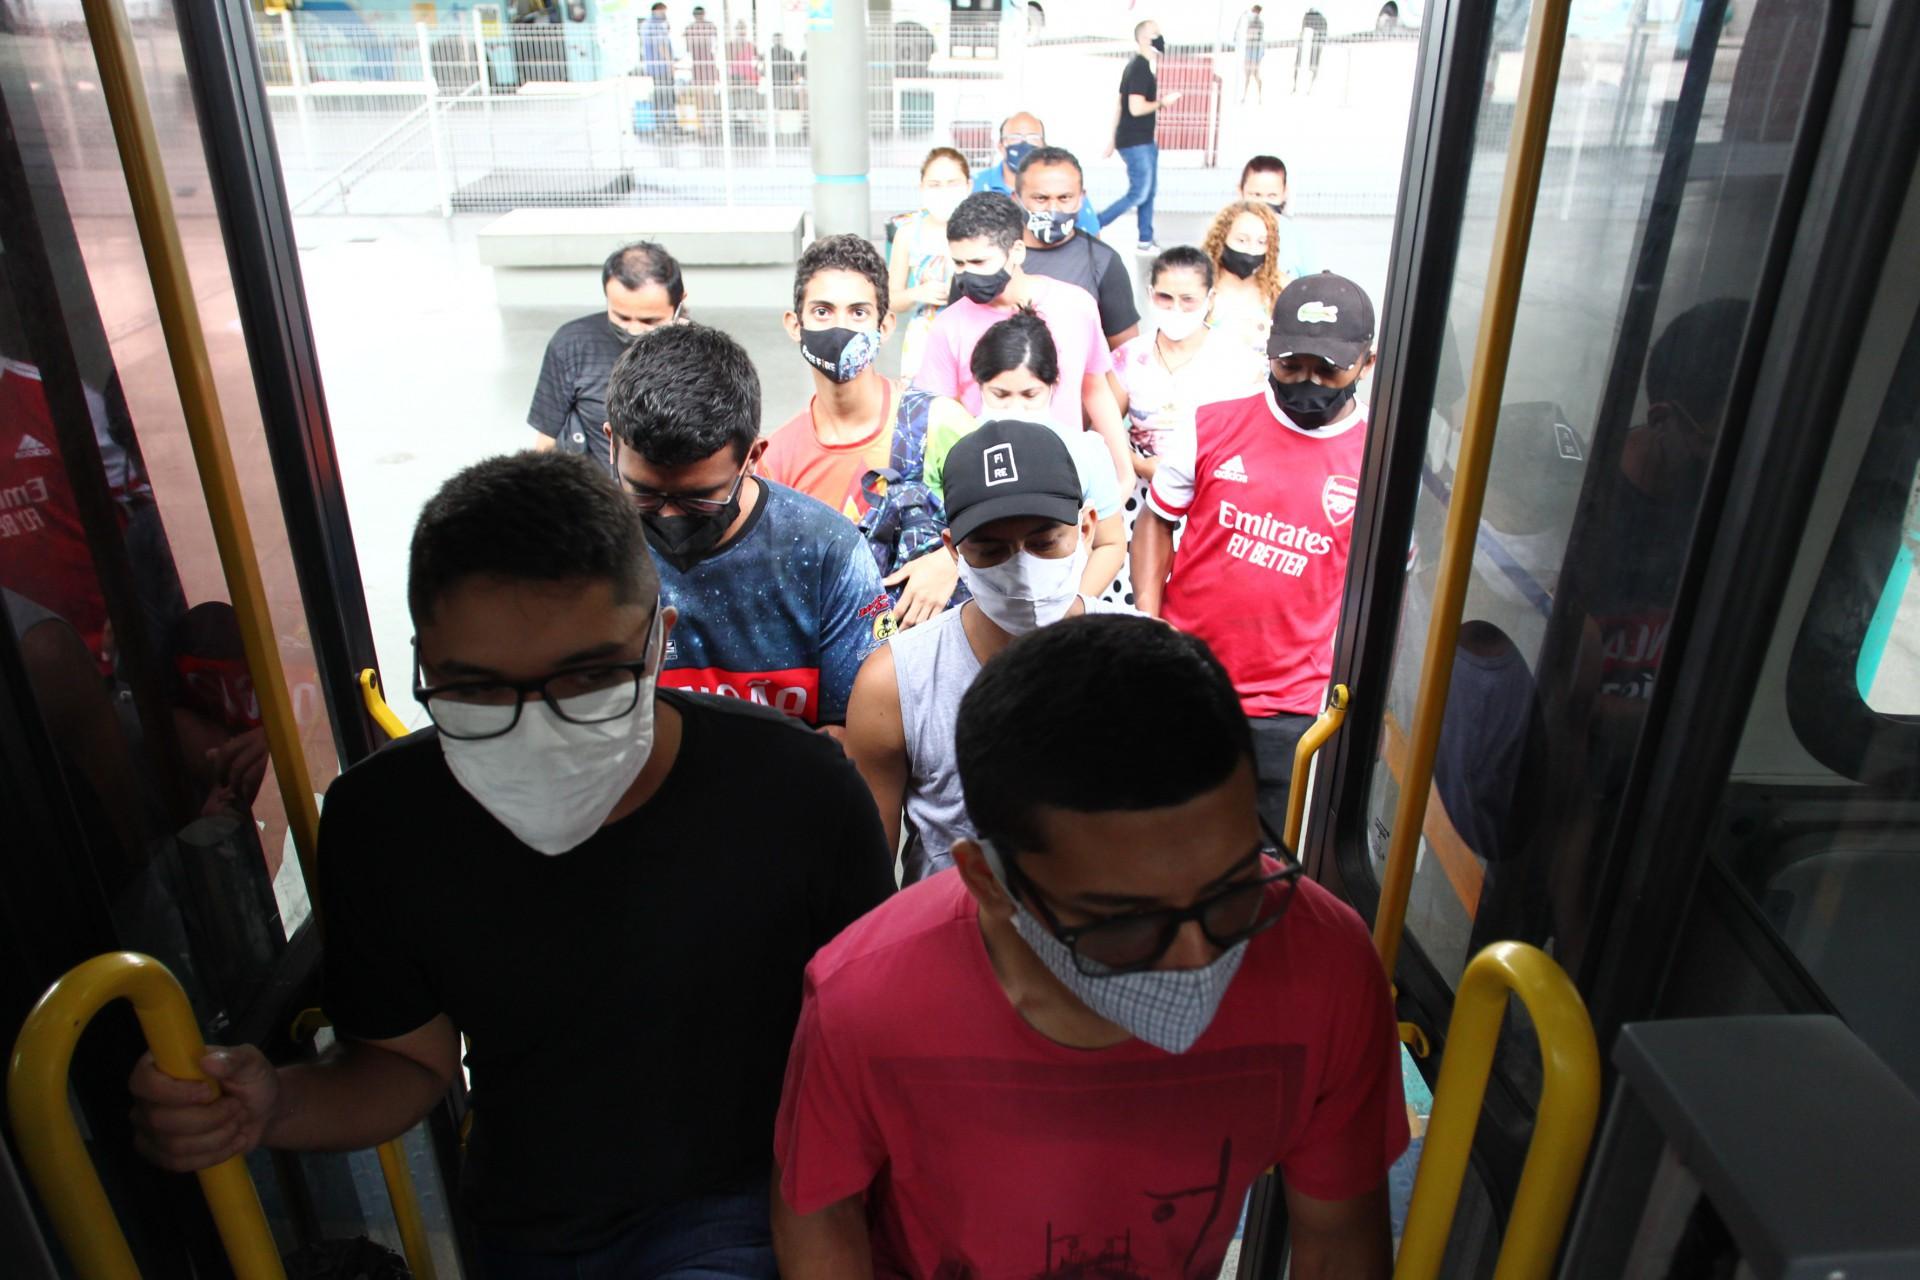 PASSAGEIROS relataram dificuldade no transporte coletivo ontem